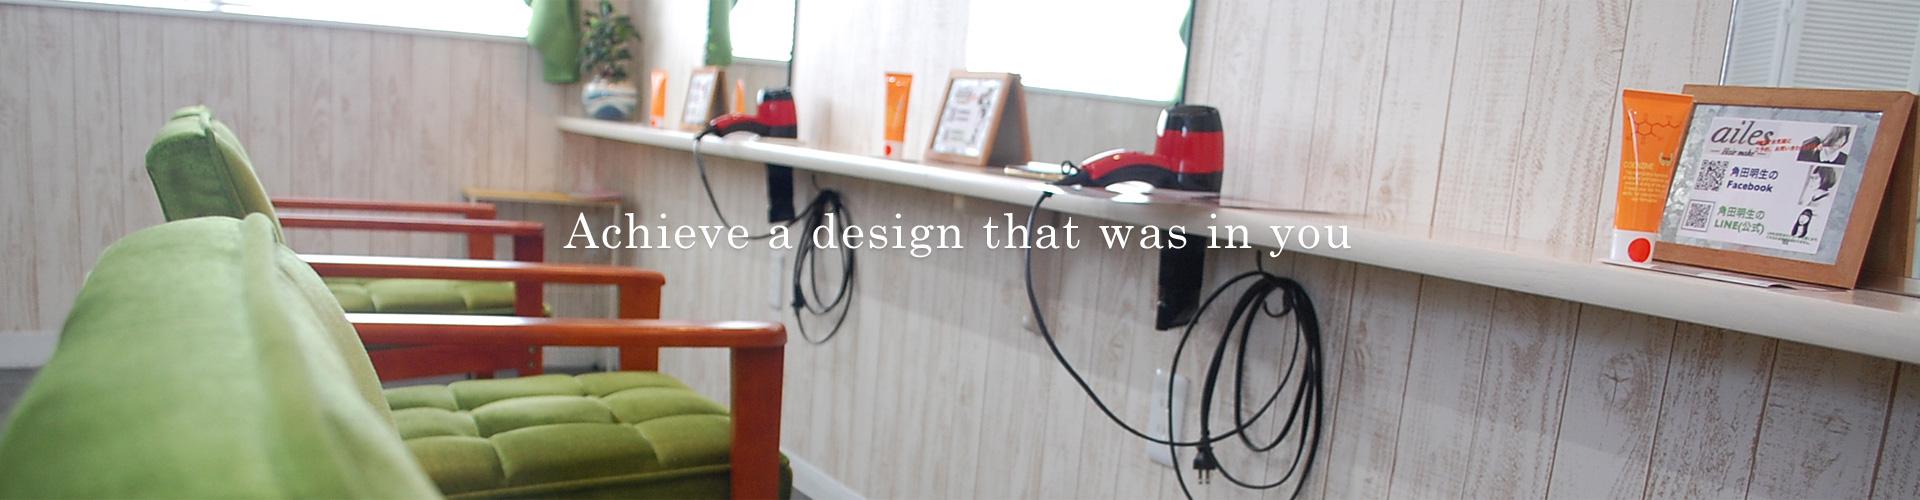 兵庫県丹波市で美容院・ヘアーサロンは落ち着いたカフェ風のailes(エール)